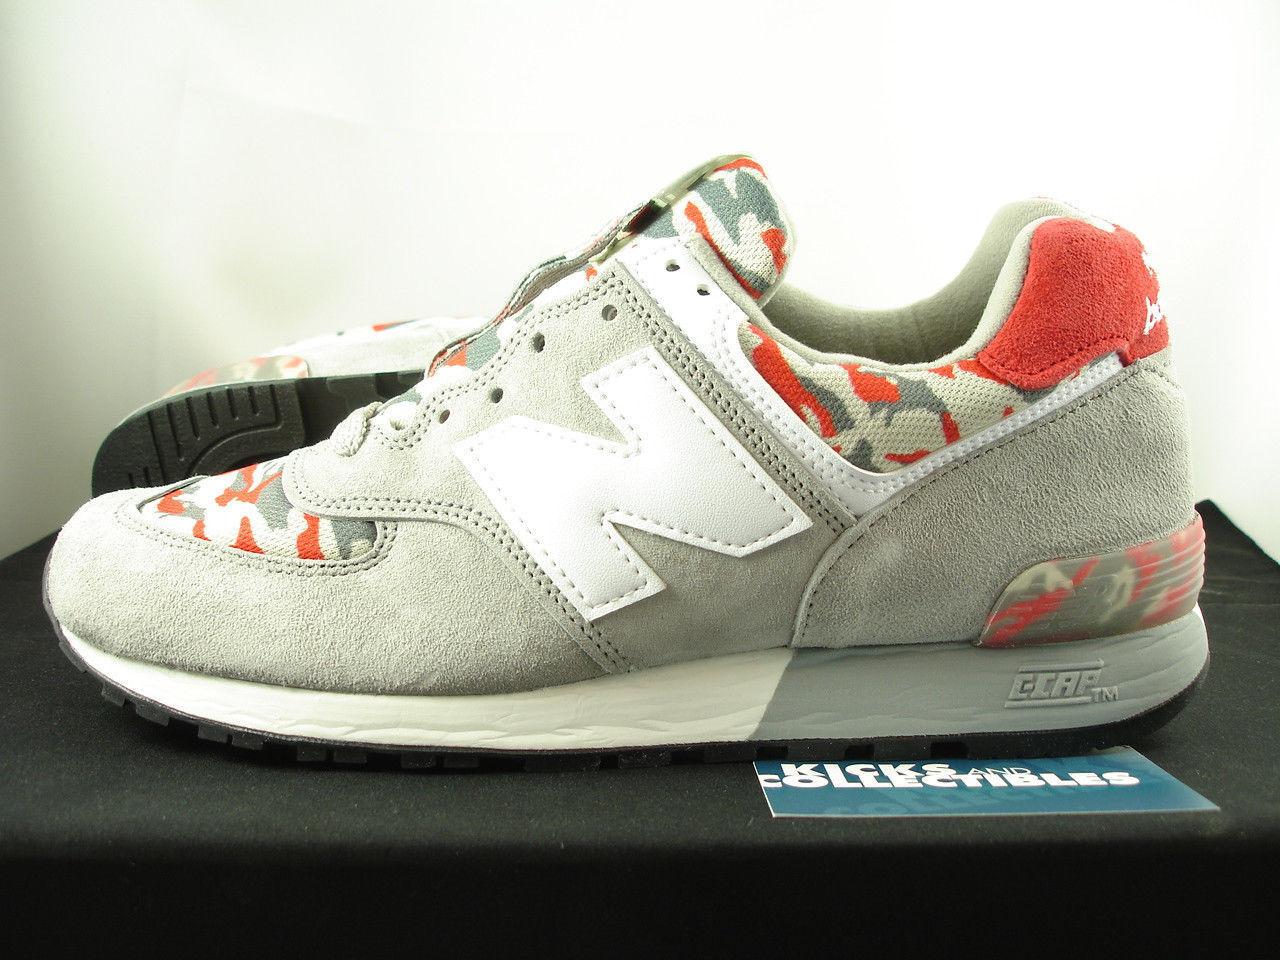 New us576cm3 Balance 576 usa Camo us576cm3 New gris rojo quema goma 577 1600 nuevo 773279